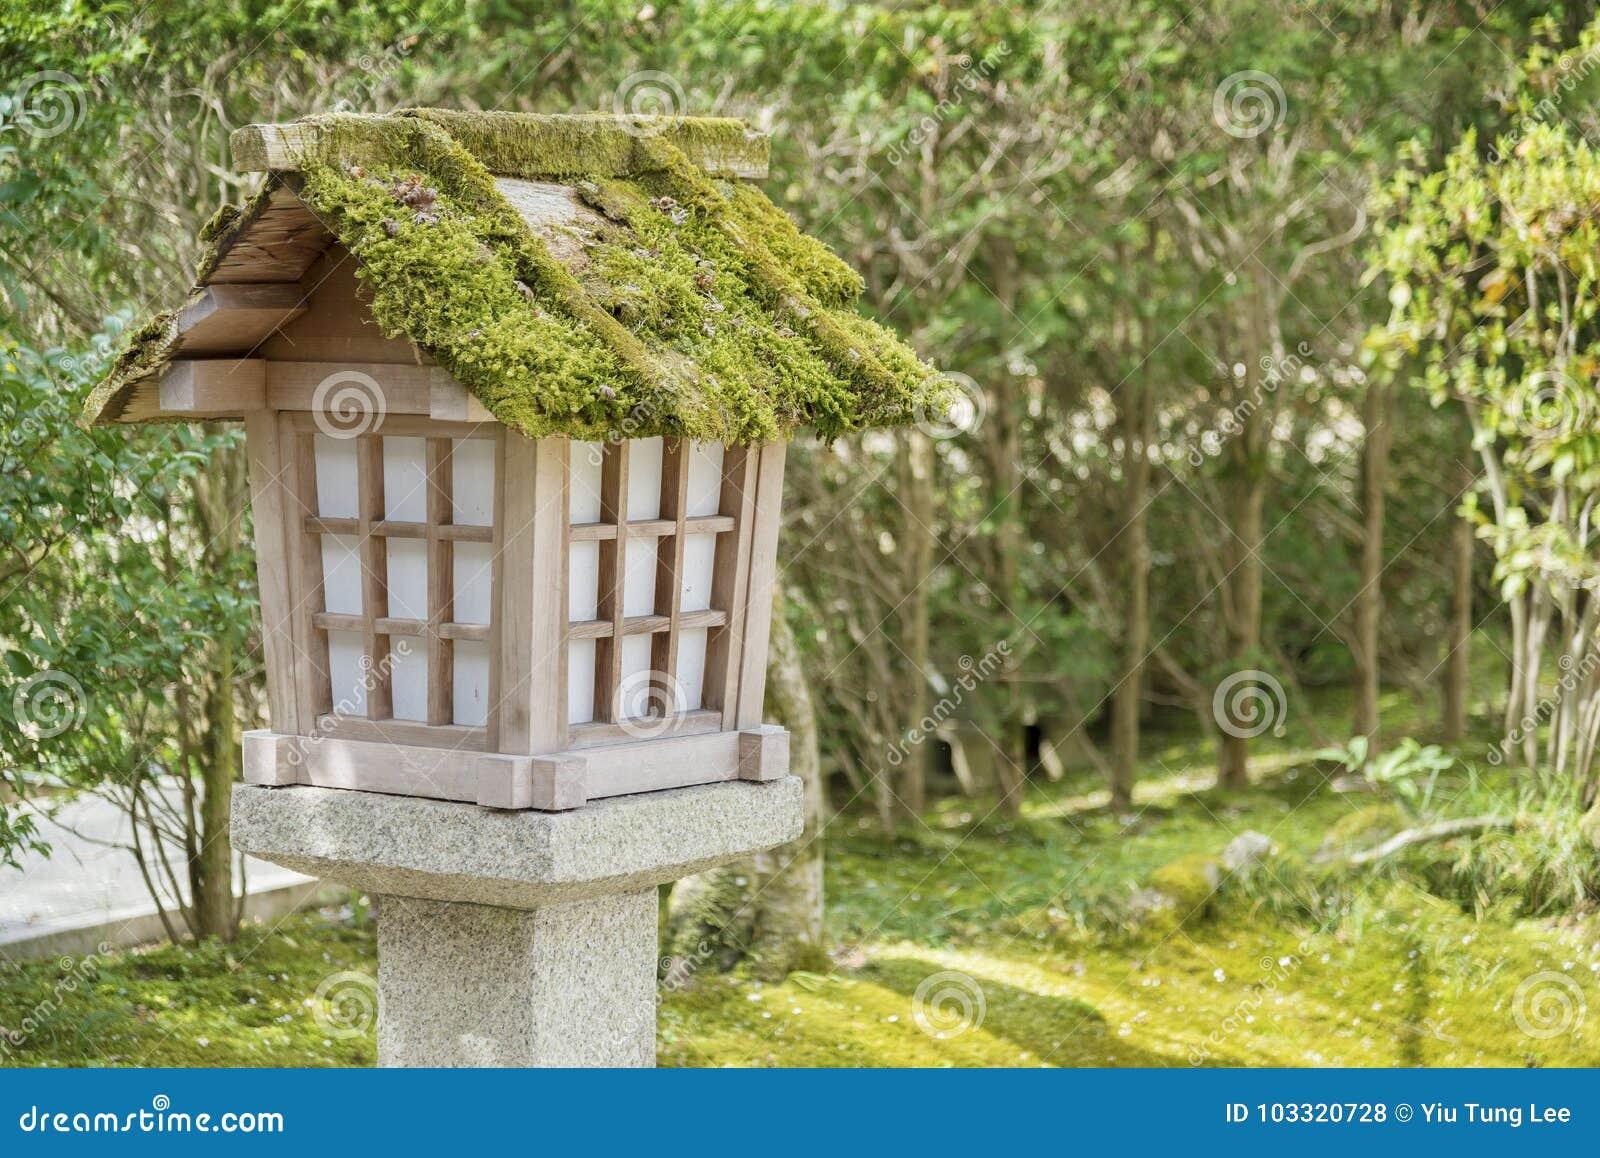 Japanese Wooden Lantern Stock Photo Image Of Plant 103320728